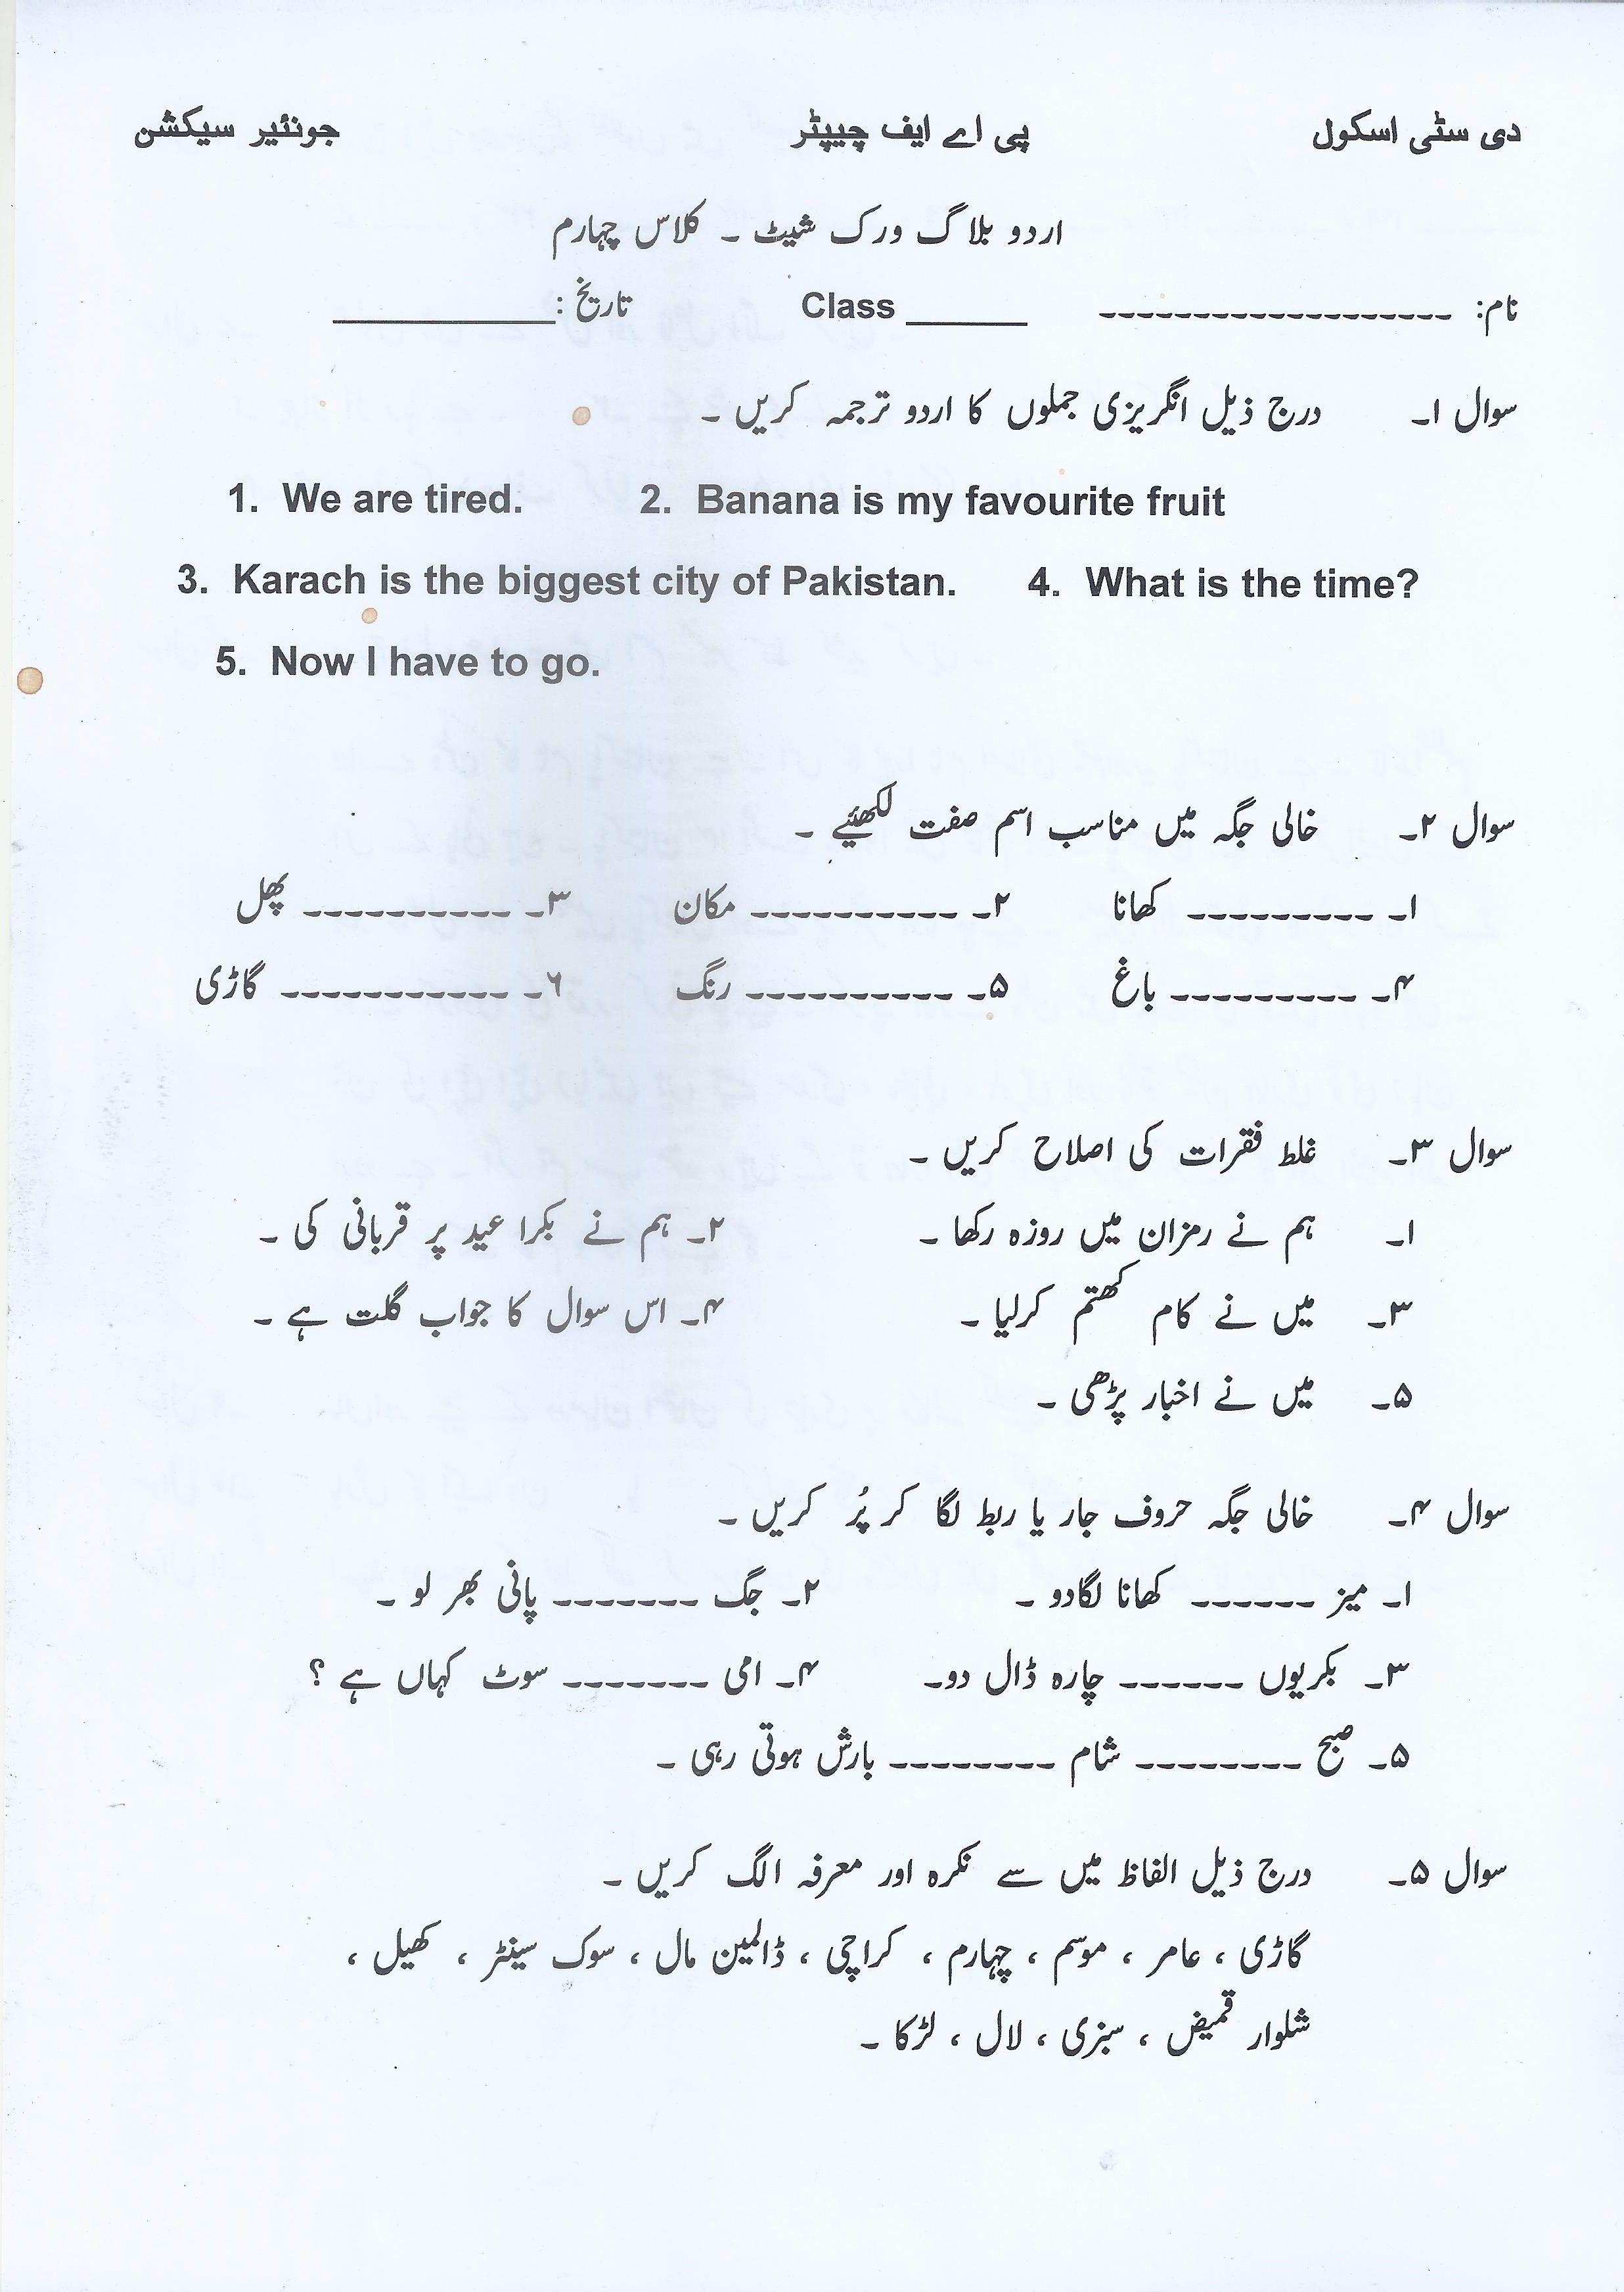 pin by fouzia ansar on urdu grammer worksheets for grade 3 grammar worksheets 1st grade. Black Bedroom Furniture Sets. Home Design Ideas